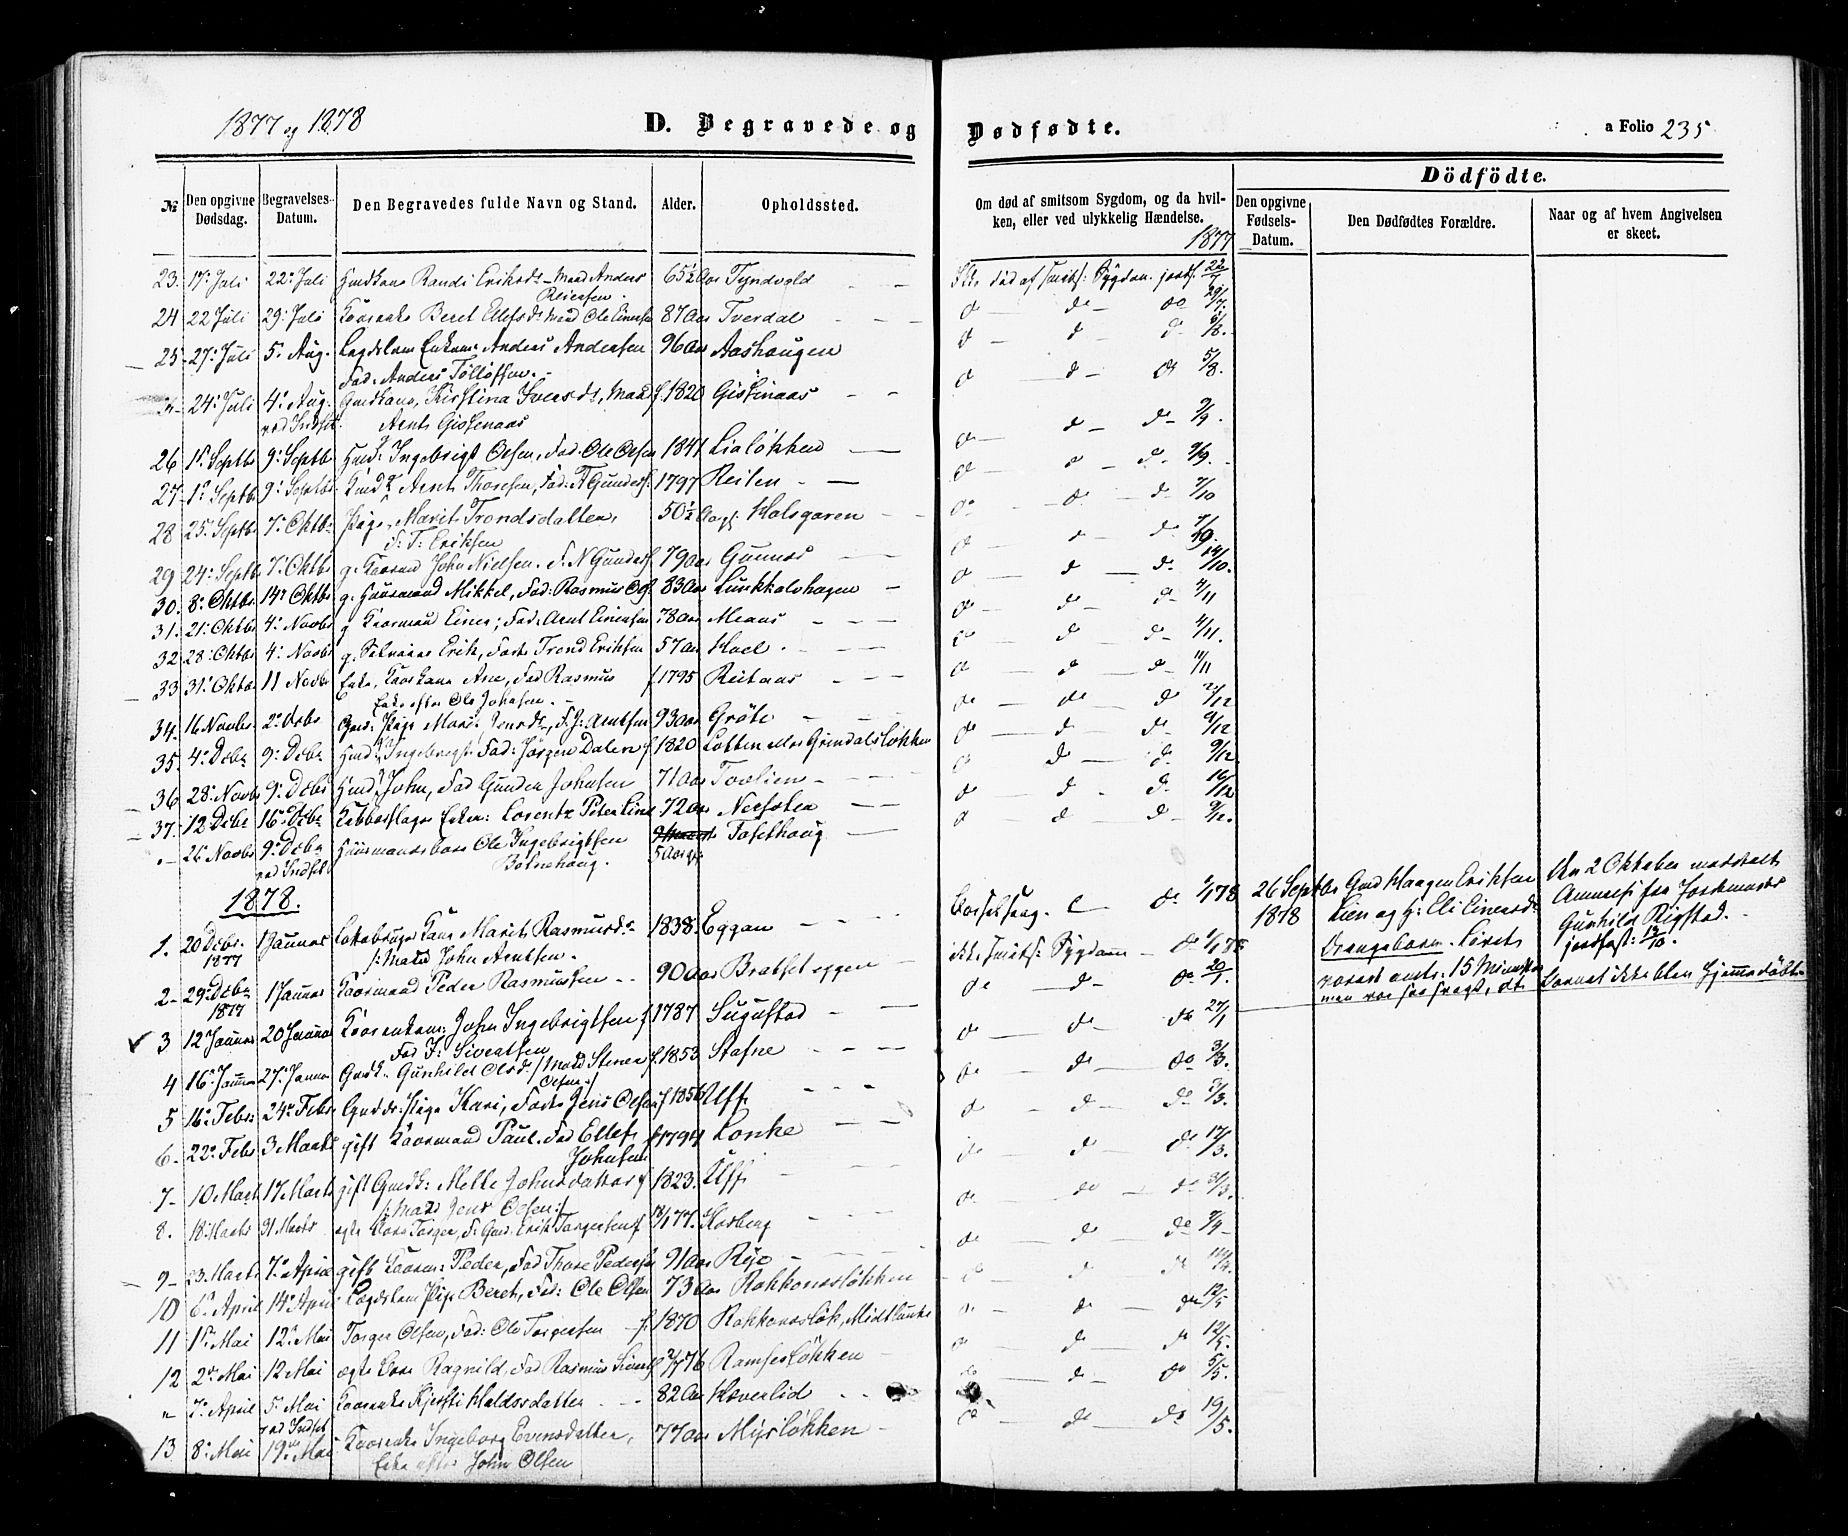 SAT, Ministerialprotokoller, klokkerbøker og fødselsregistre - Sør-Trøndelag, 674/L0870: Ministerialbok nr. 674A02, 1861-1879, s. 235